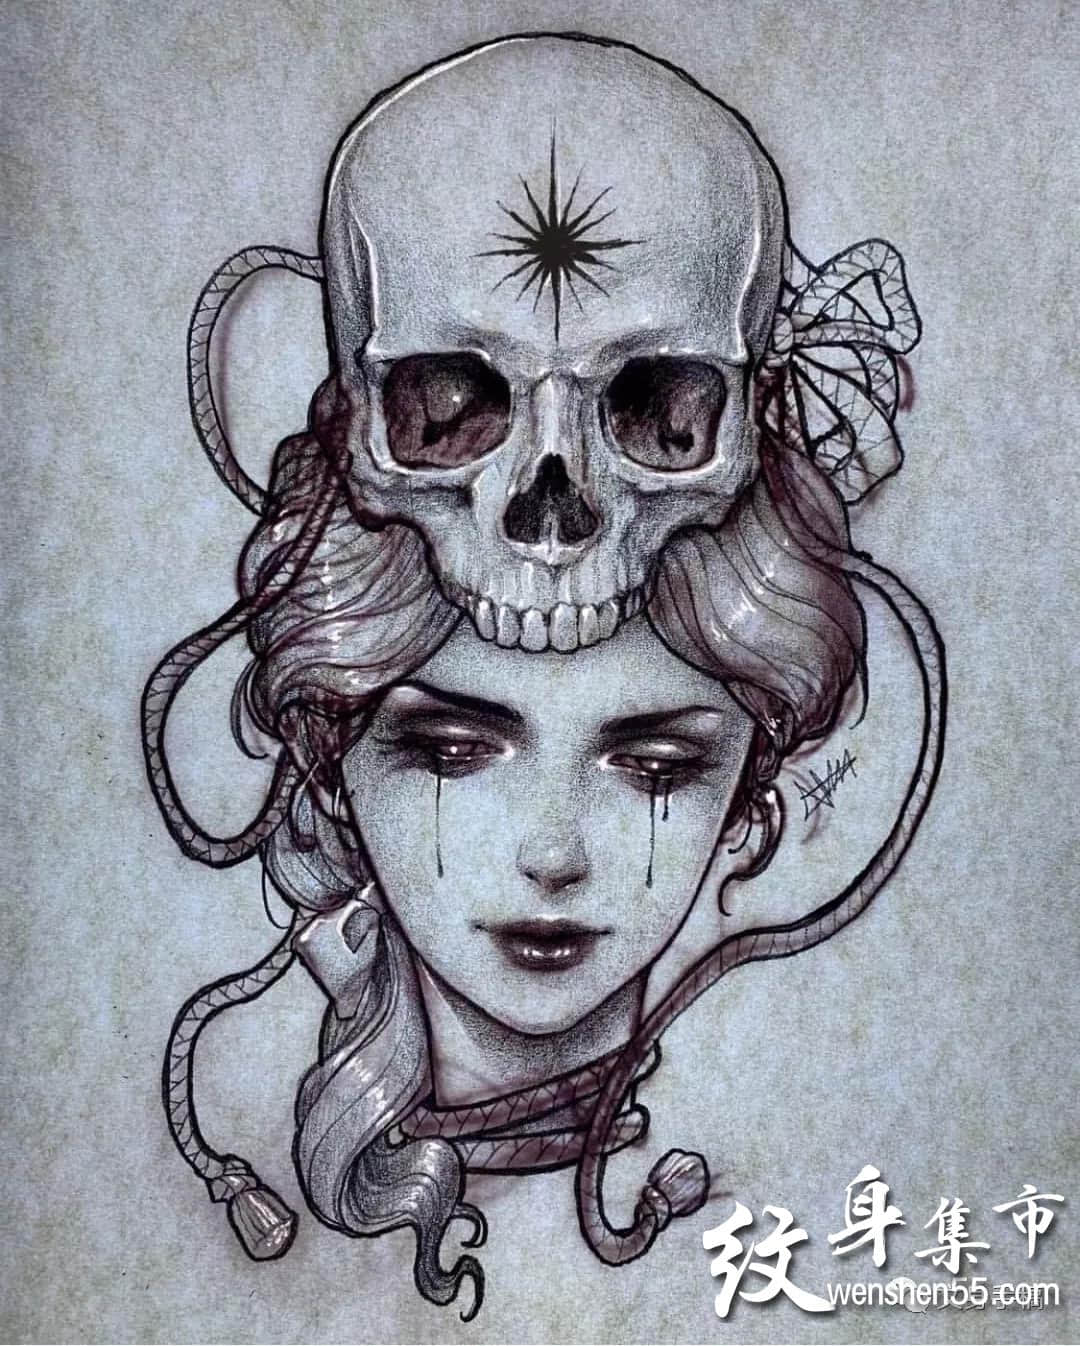 欧美艺伎纹身,欧美艺伎纹身手稿图案,欧美肖像纹身